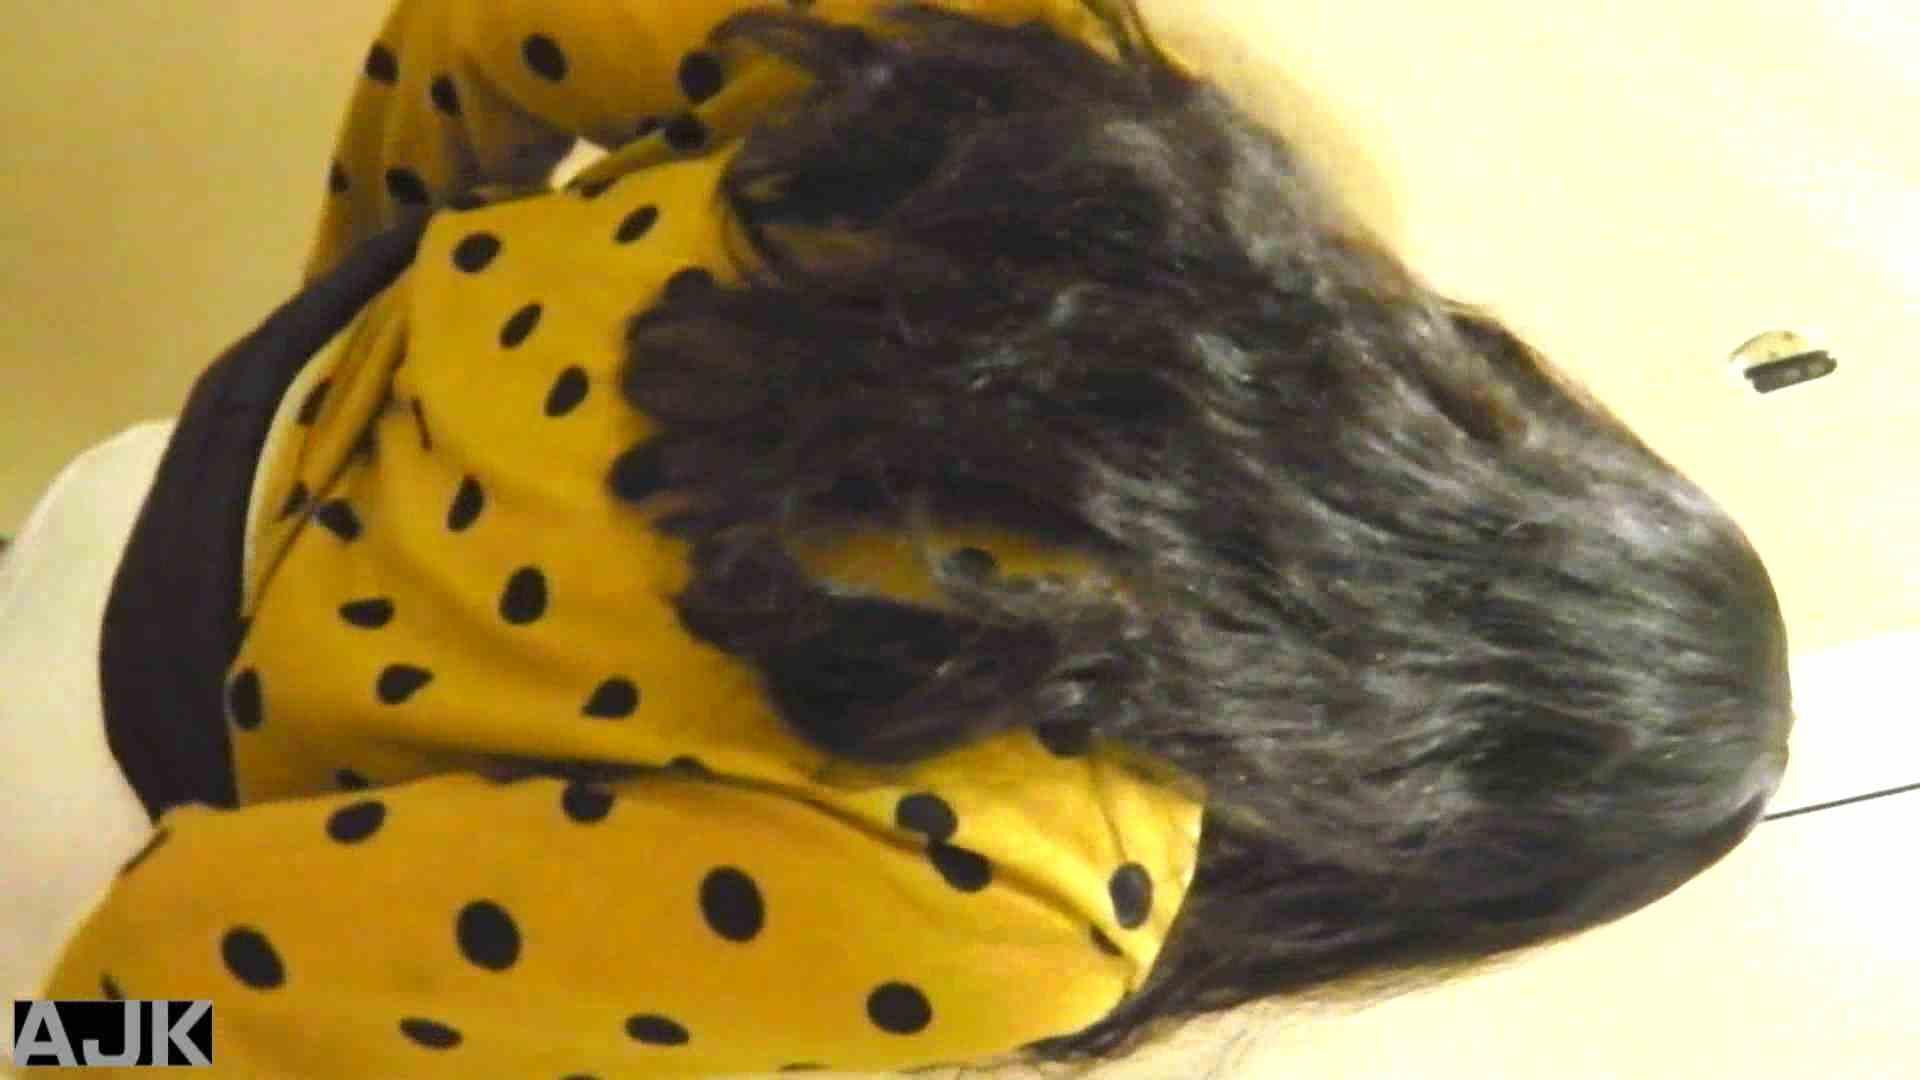 隣国上階級エリアの令嬢たちが集うデパートお手洗い Vol.01 丸見え  70画像 12